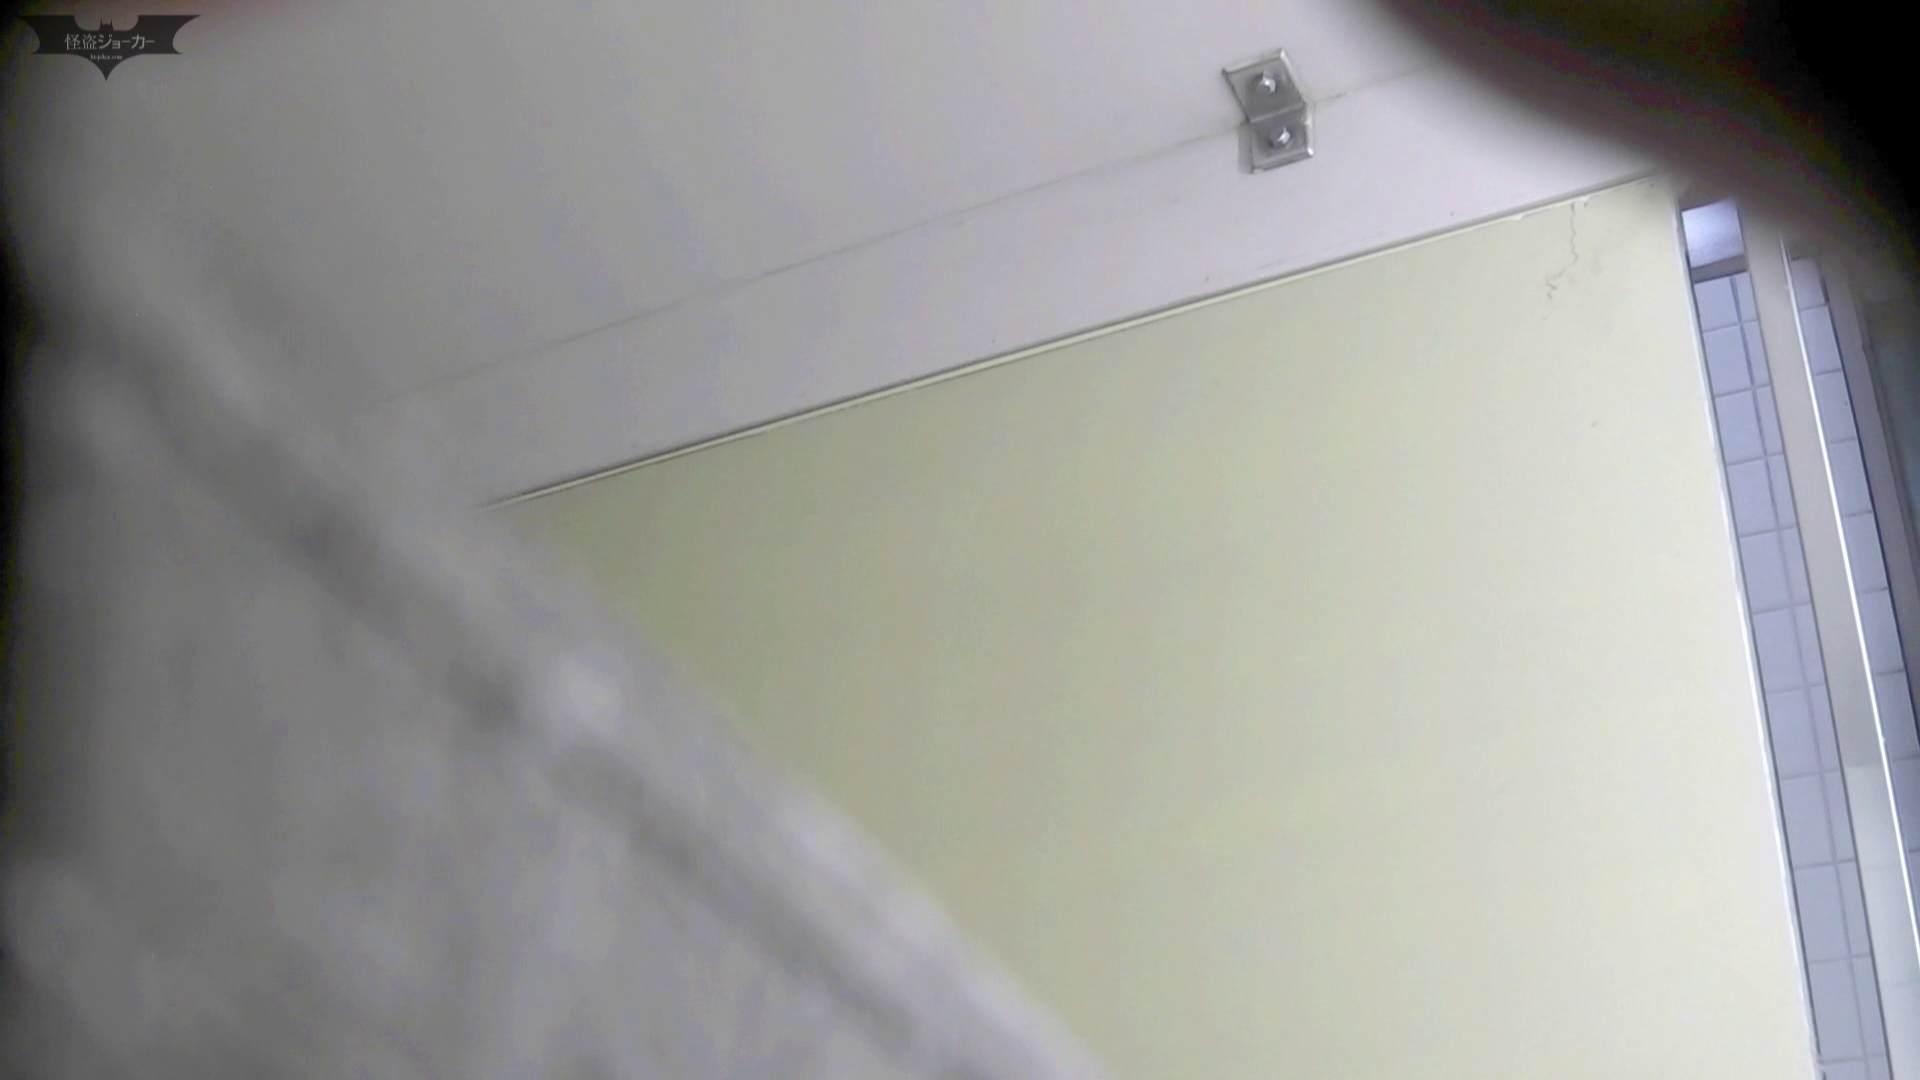 【潜入トイレ盗撮】洗面所特攻隊 vol.70 極上品の連続、歌いながら美女入室 高画質 濡れ場動画紹介 97画像 56